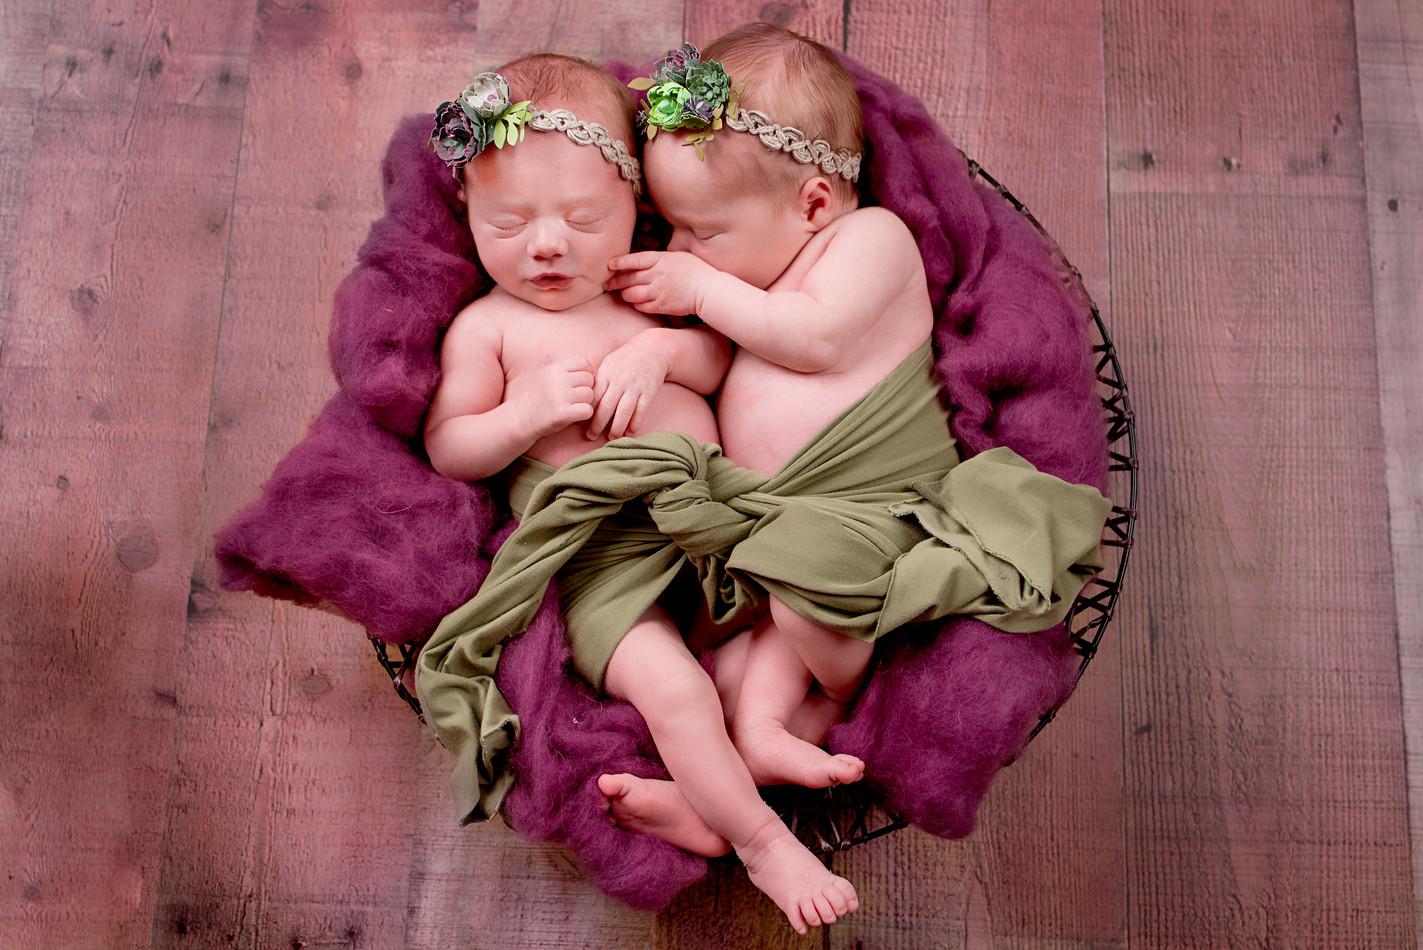 Twin Sisters Wisper Secrets